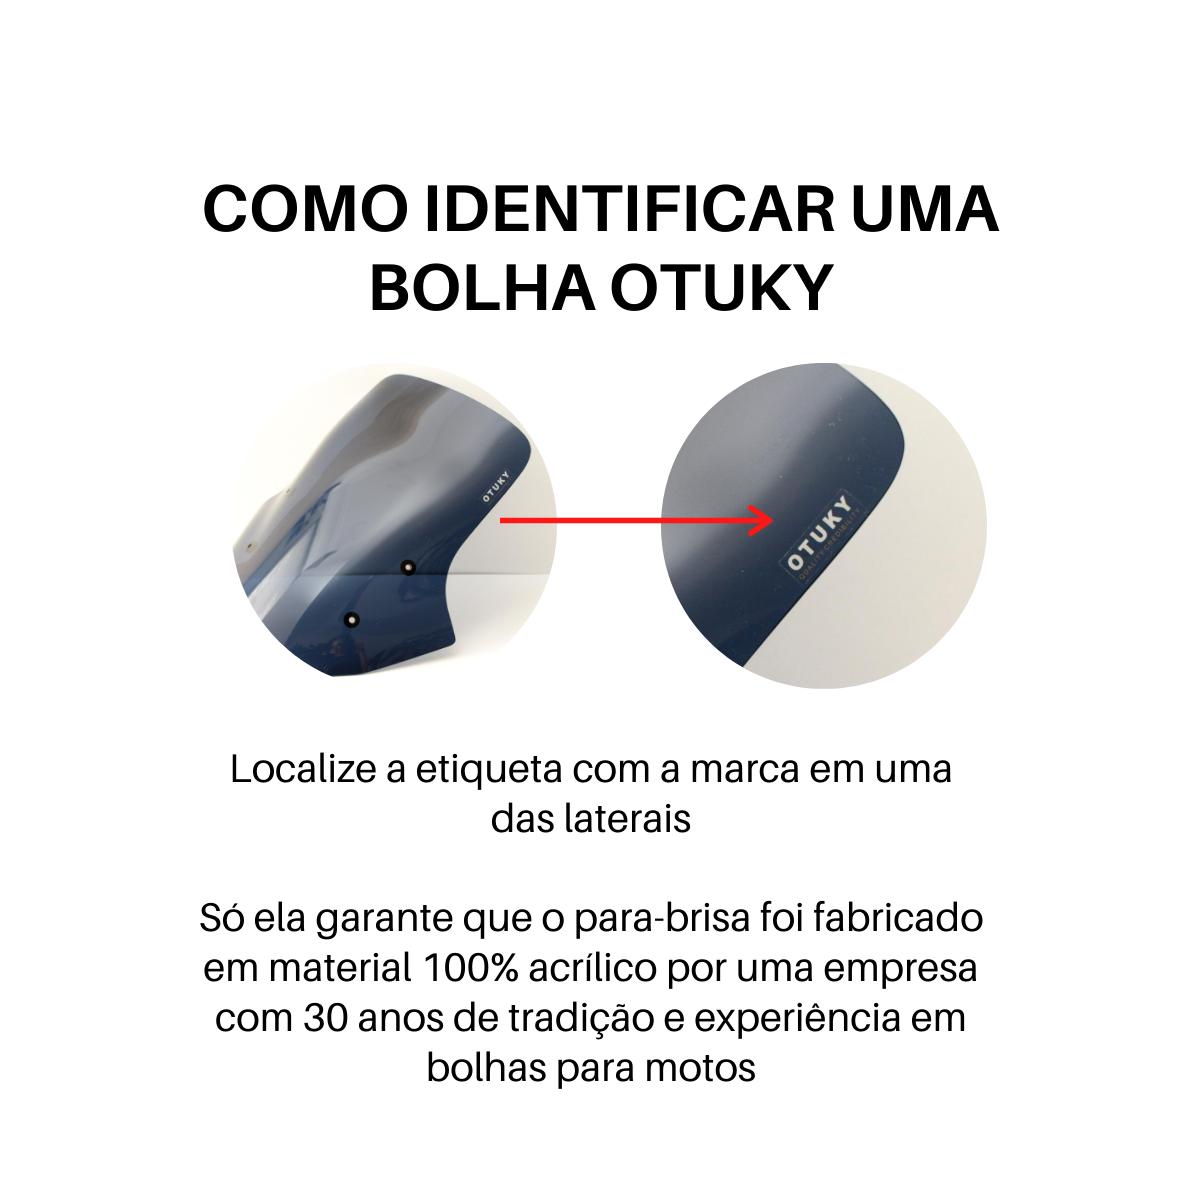 Bolha para Moto Comet 250 Gtr Otuky Padrão Fumê Cinza-claro